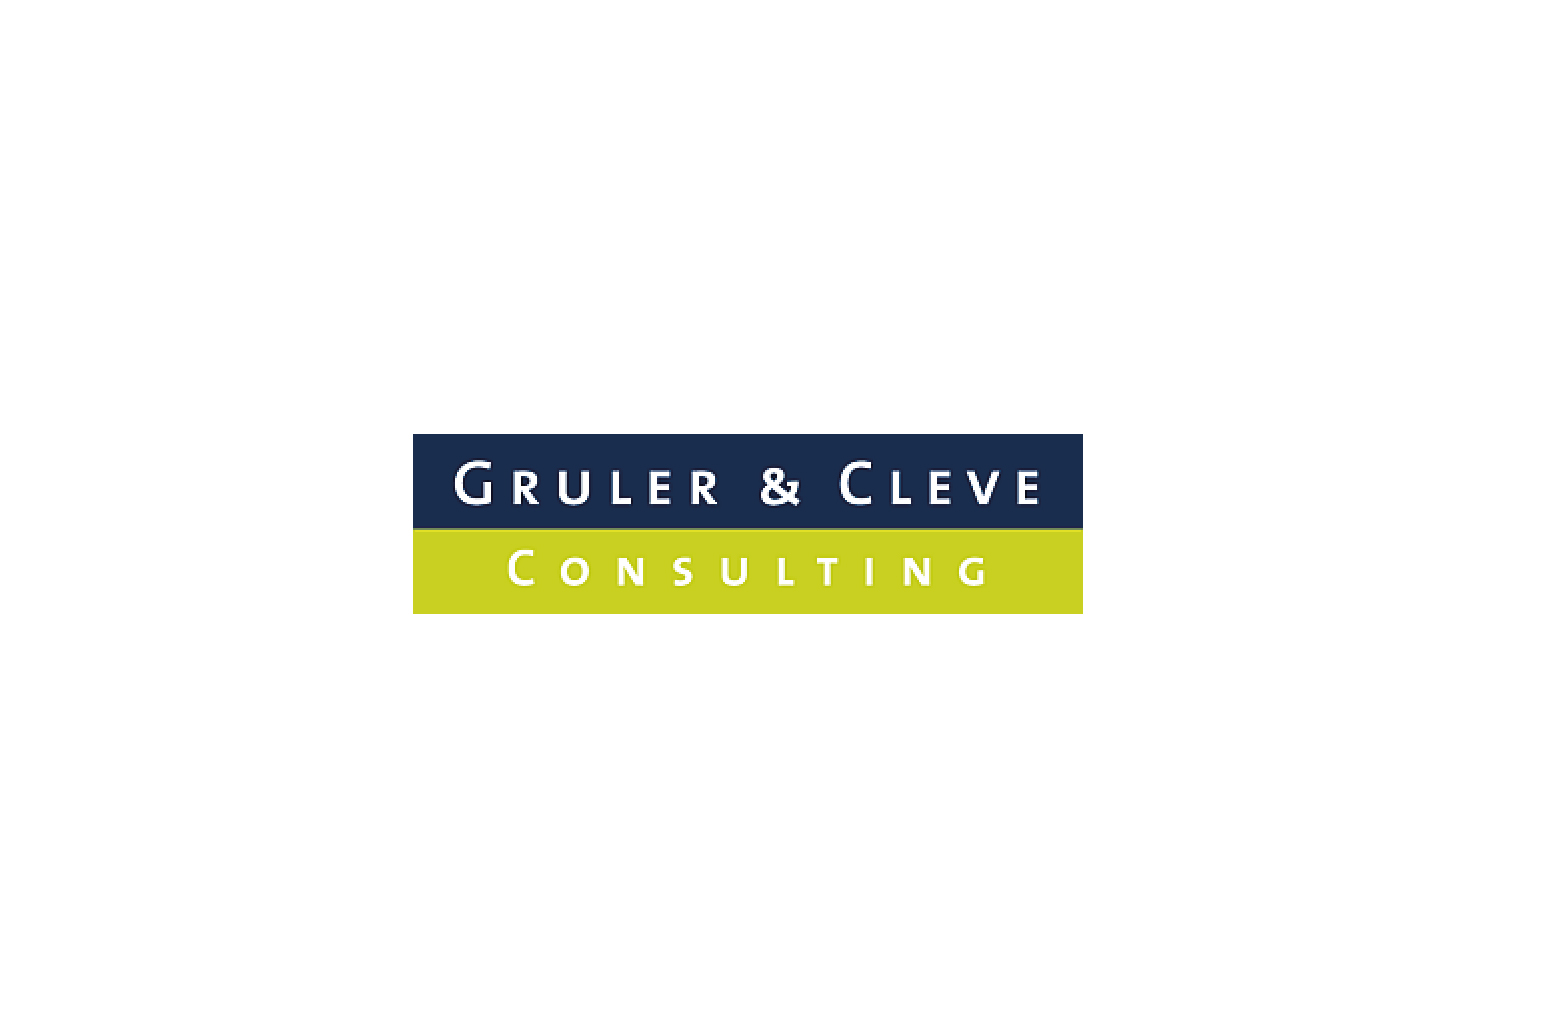 Gruler &Cleve